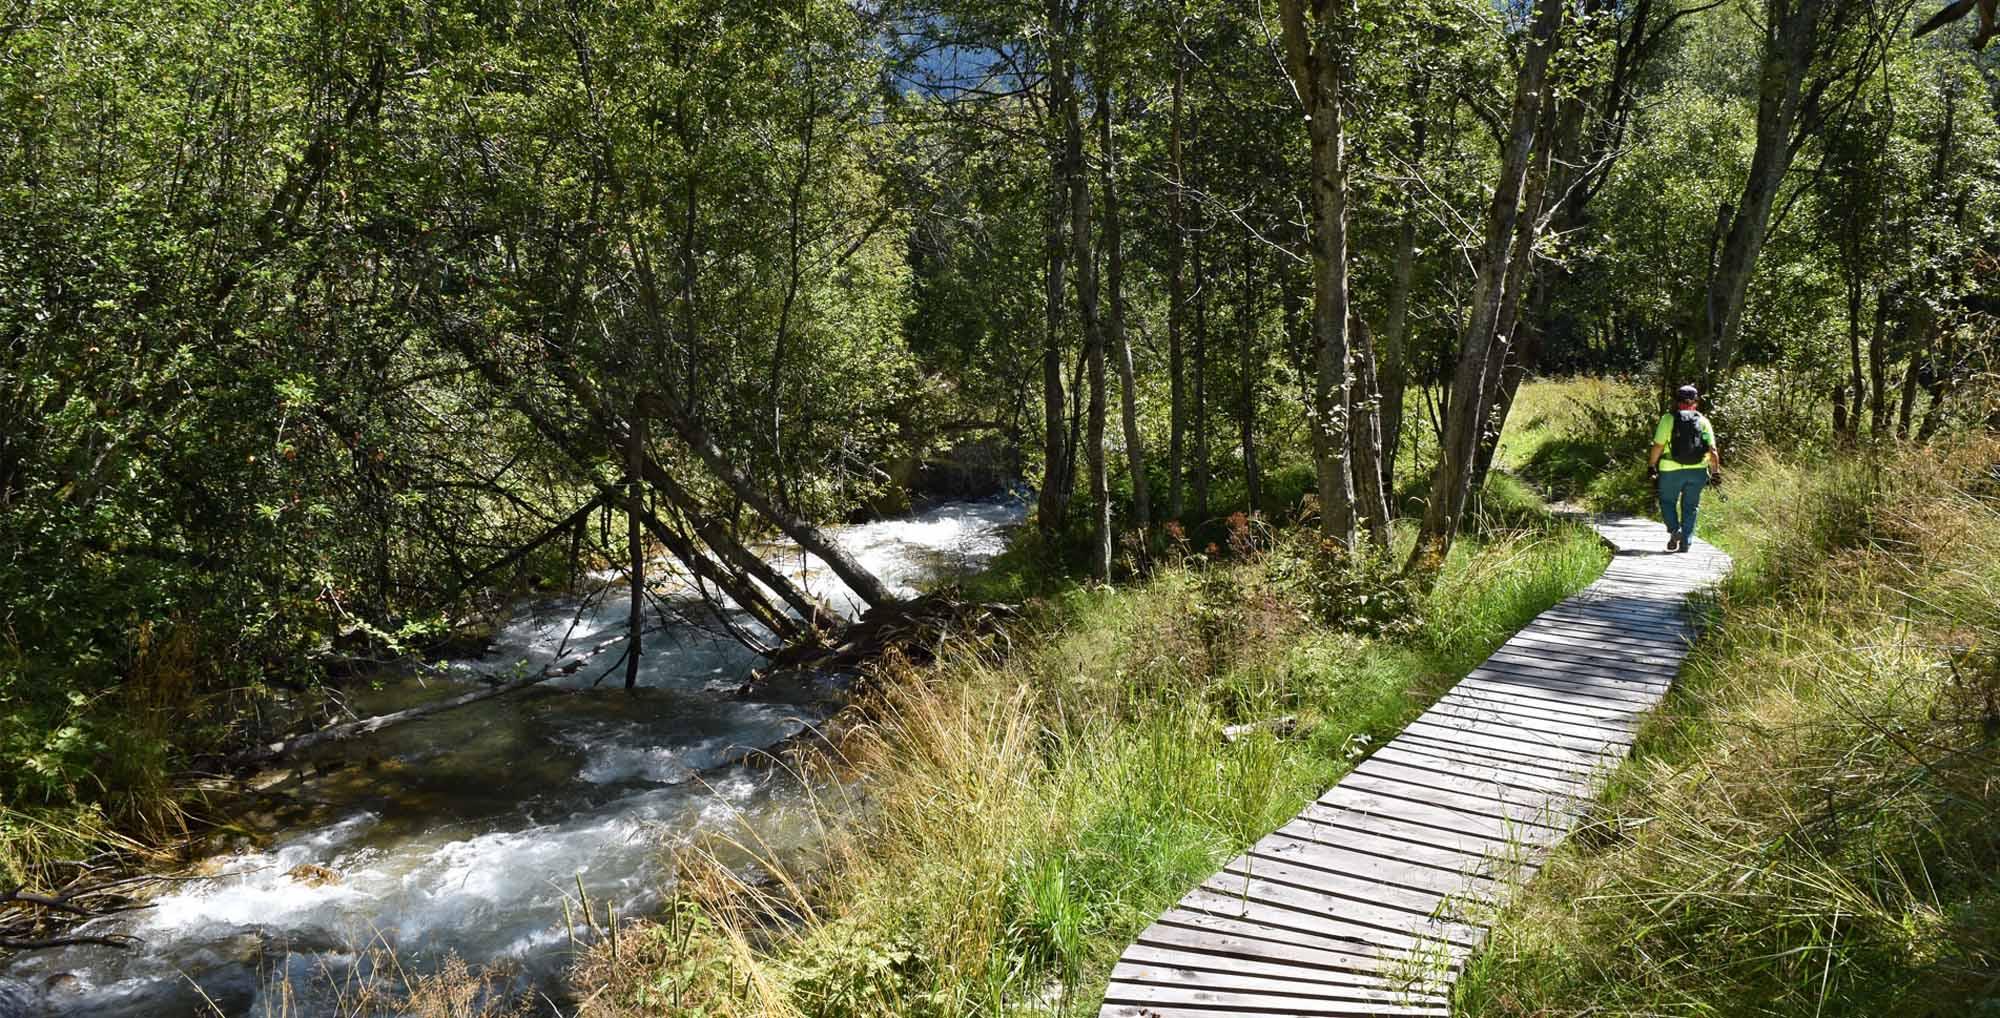 Wanderung am Rombach entlang auf dem Wanderweg «A la riva dal Rom» im Val Müstair (Münstertal), von Tschierv via Fuldera, Valchava, Santa Maria nach Müstair